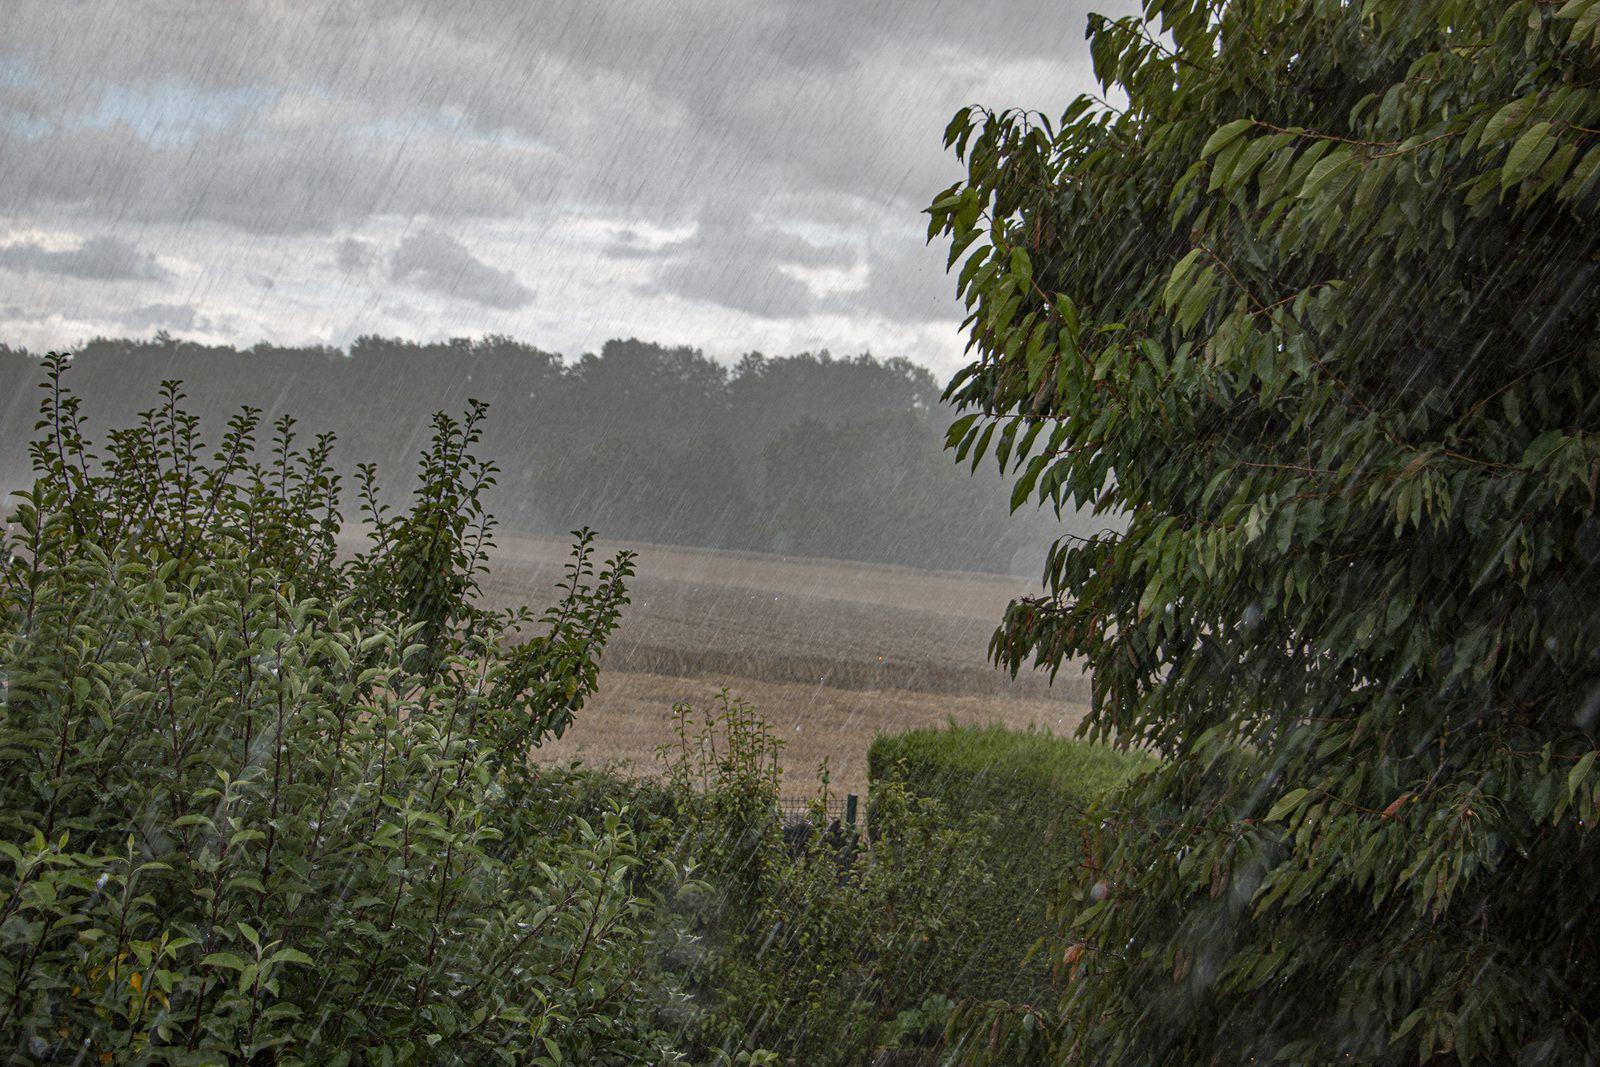 Une météo d'automne, propice au rouissage du lin...